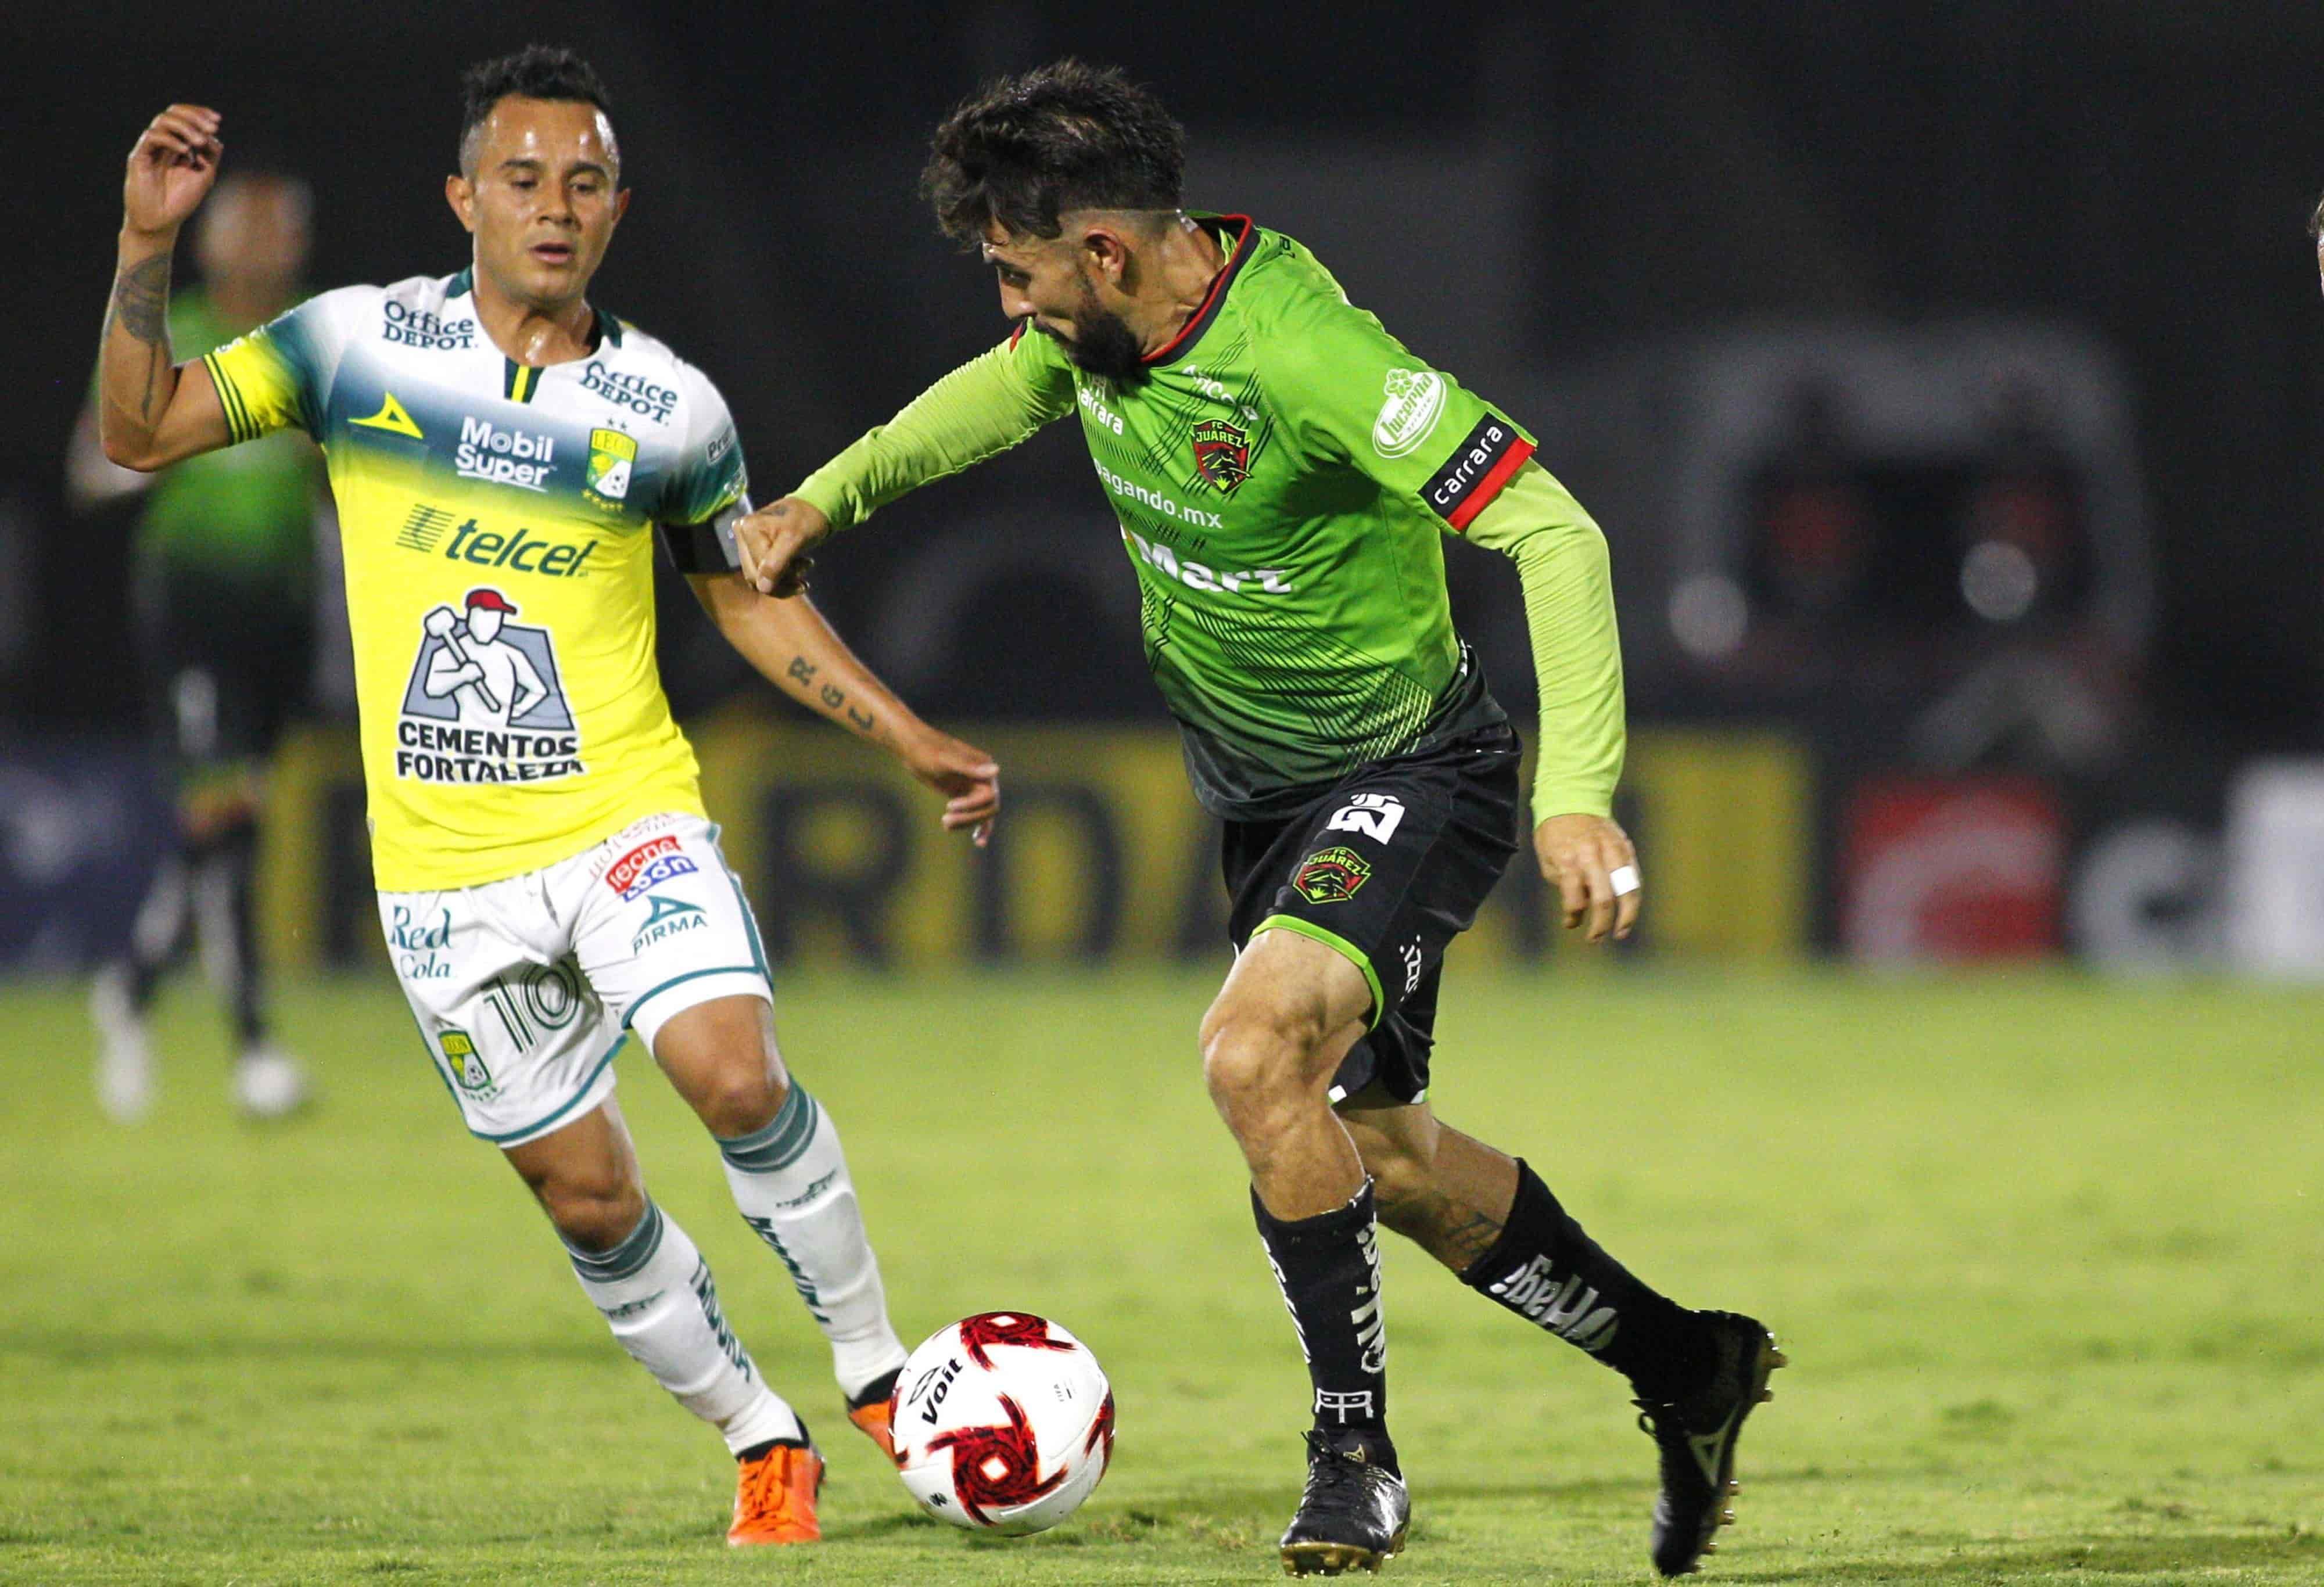 Juárez 0-0 León